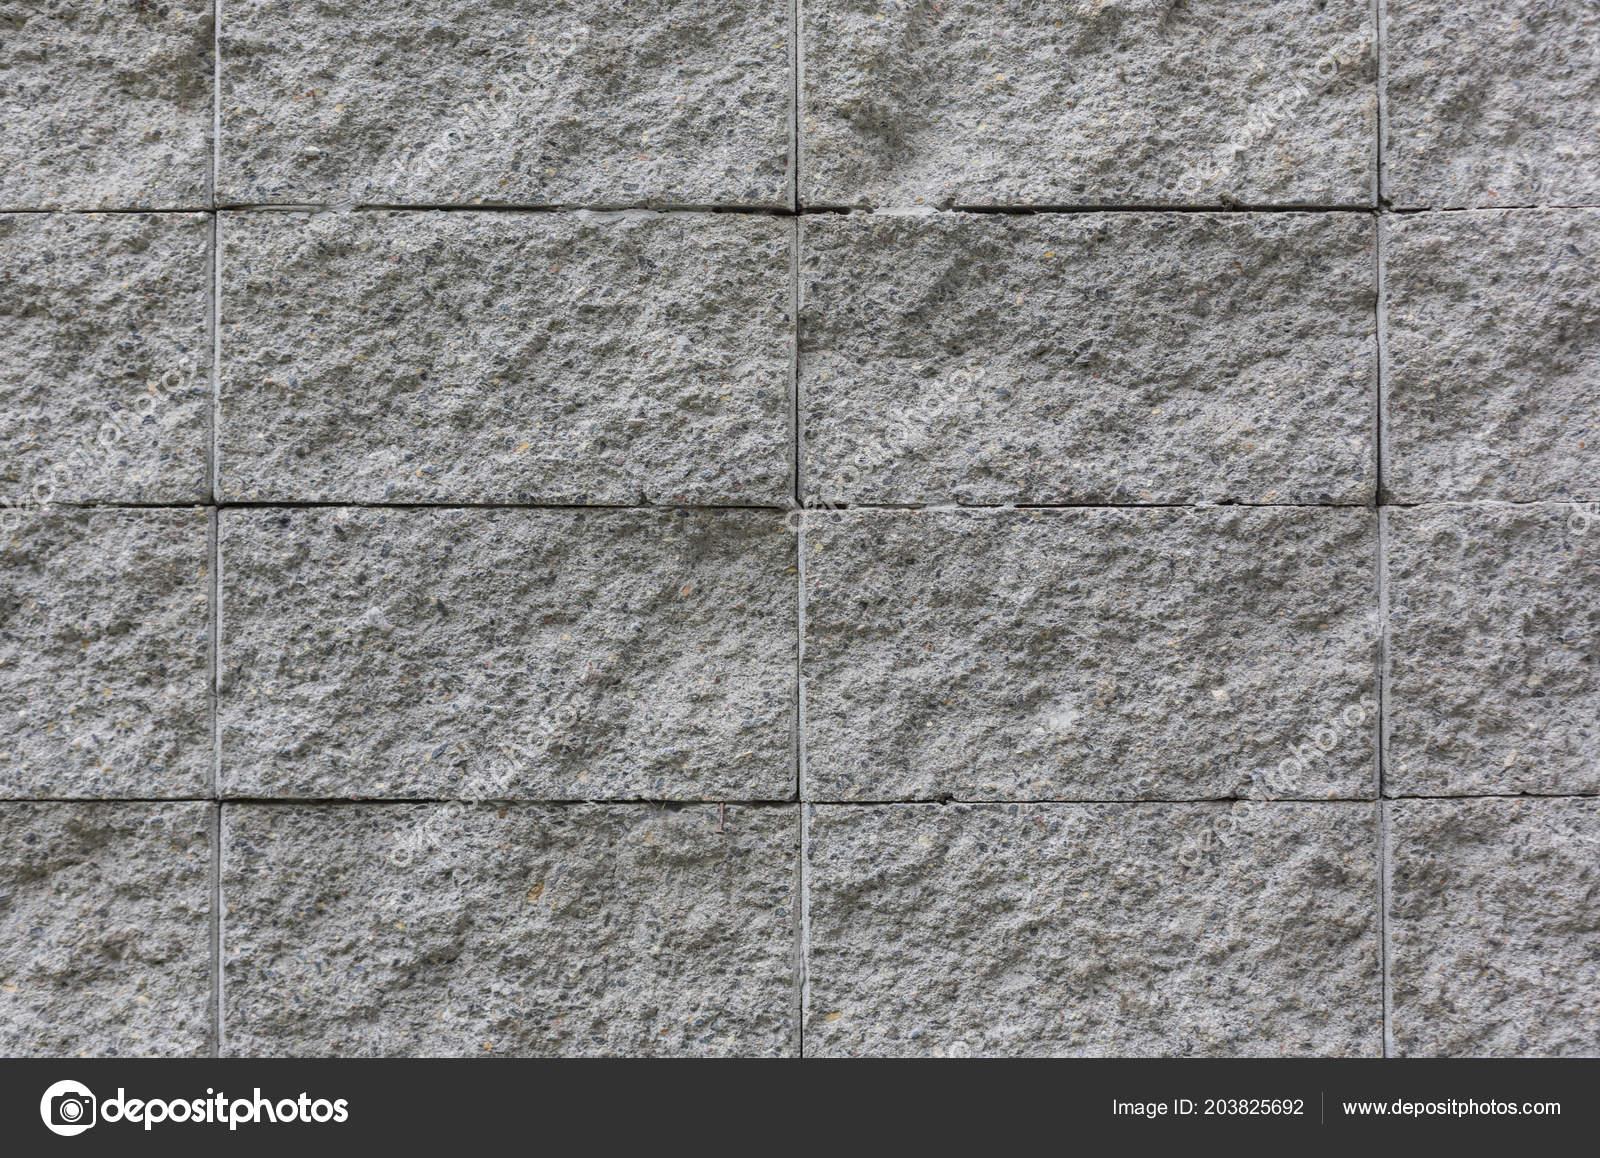 Pietra piastrelle mattoni muro modello texture sfondo u2014 foto stock